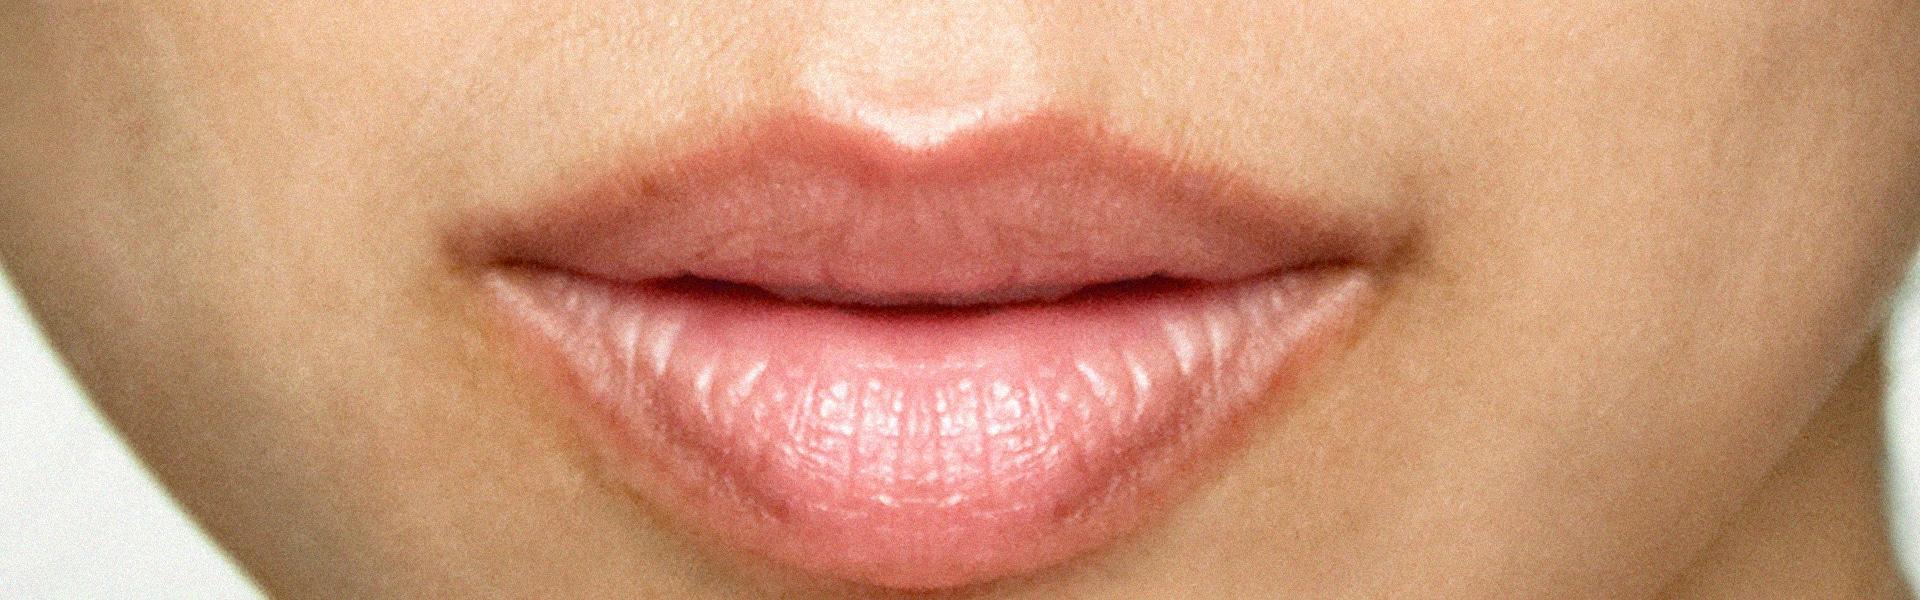 After Bilde Lip lase